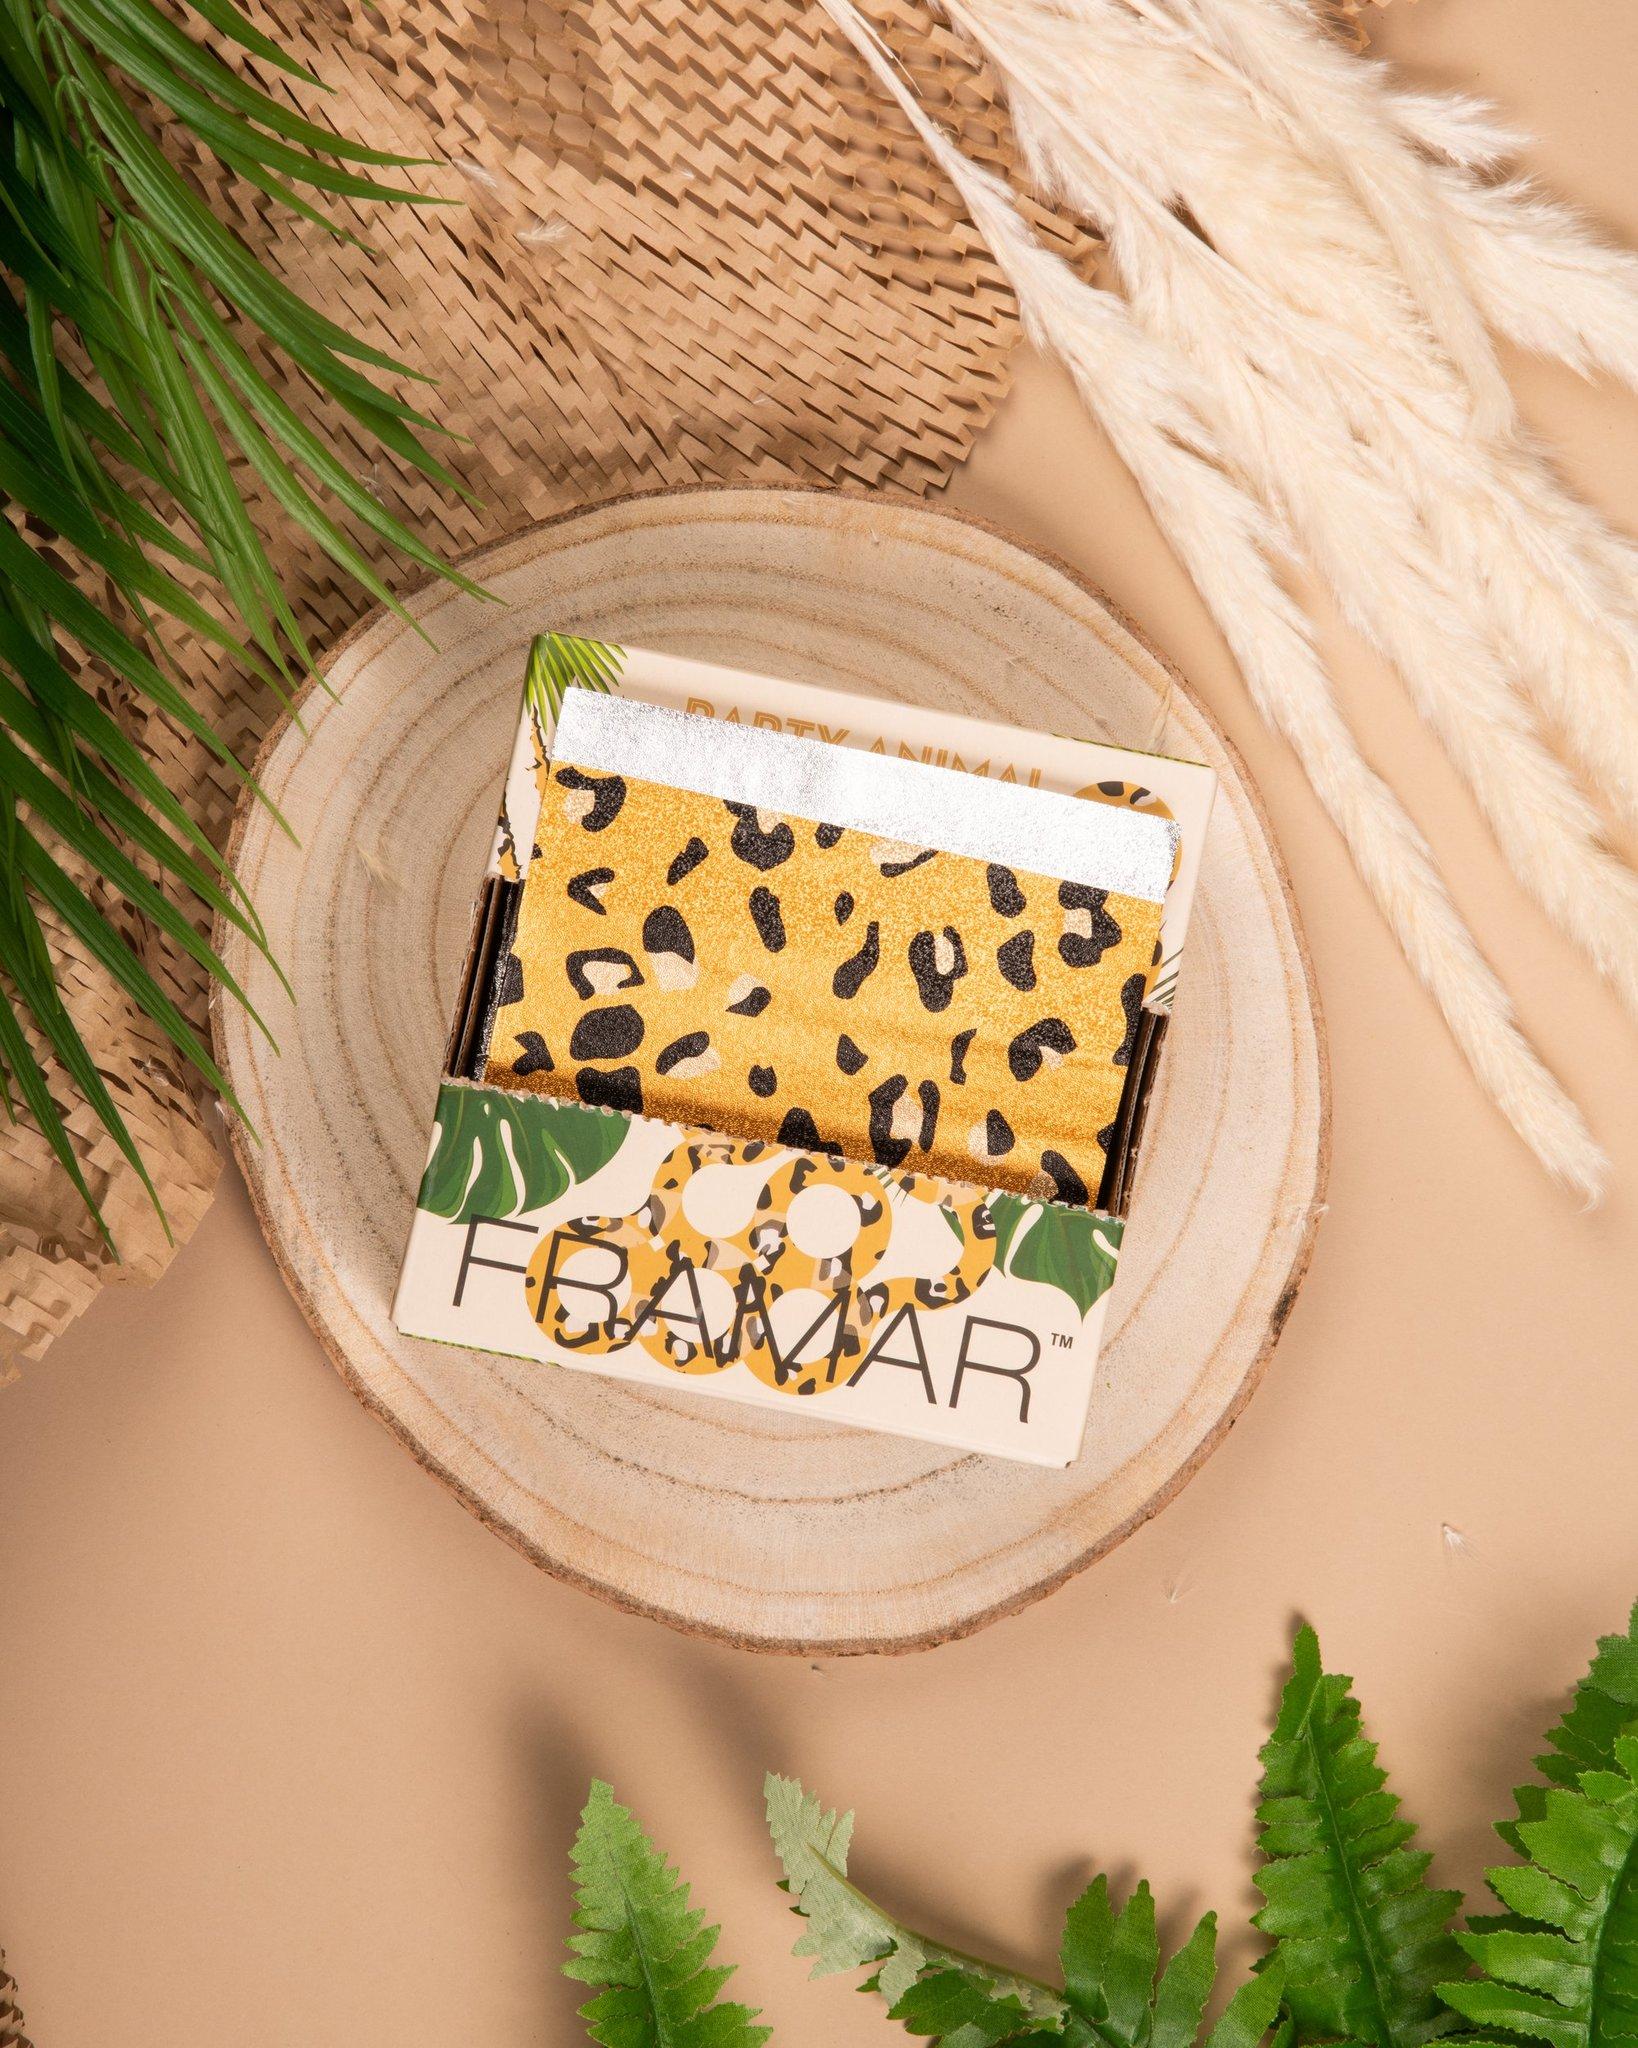 Party Animal - Pop Up Framar   Вытяжная фольга с тиснением «Зов джунглей» (500 листов 12,5 х 28 см) Лимитированная коллекция.